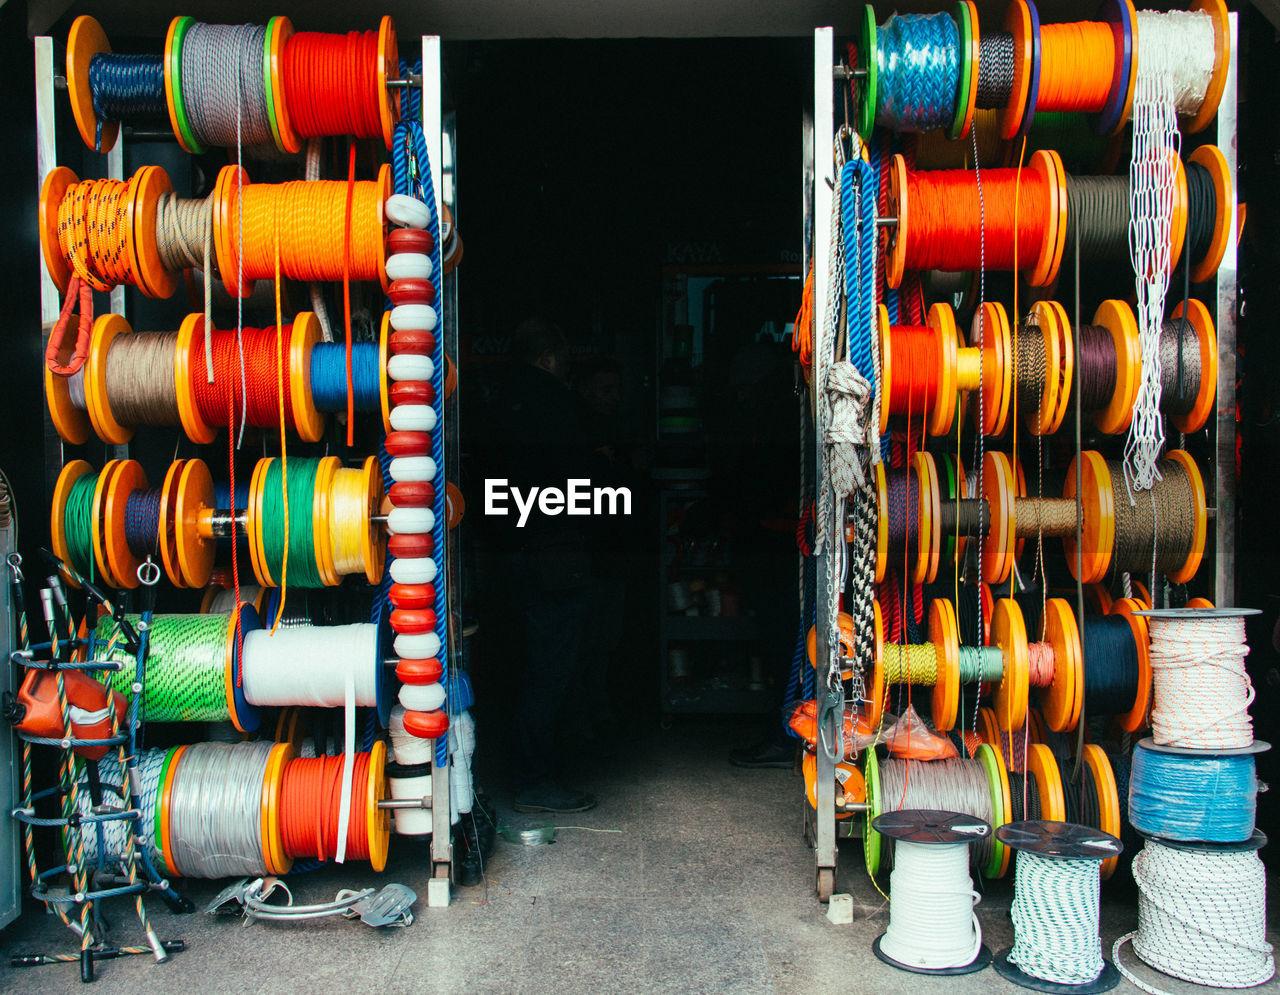 Multi Colored Spools For Sale In Shop